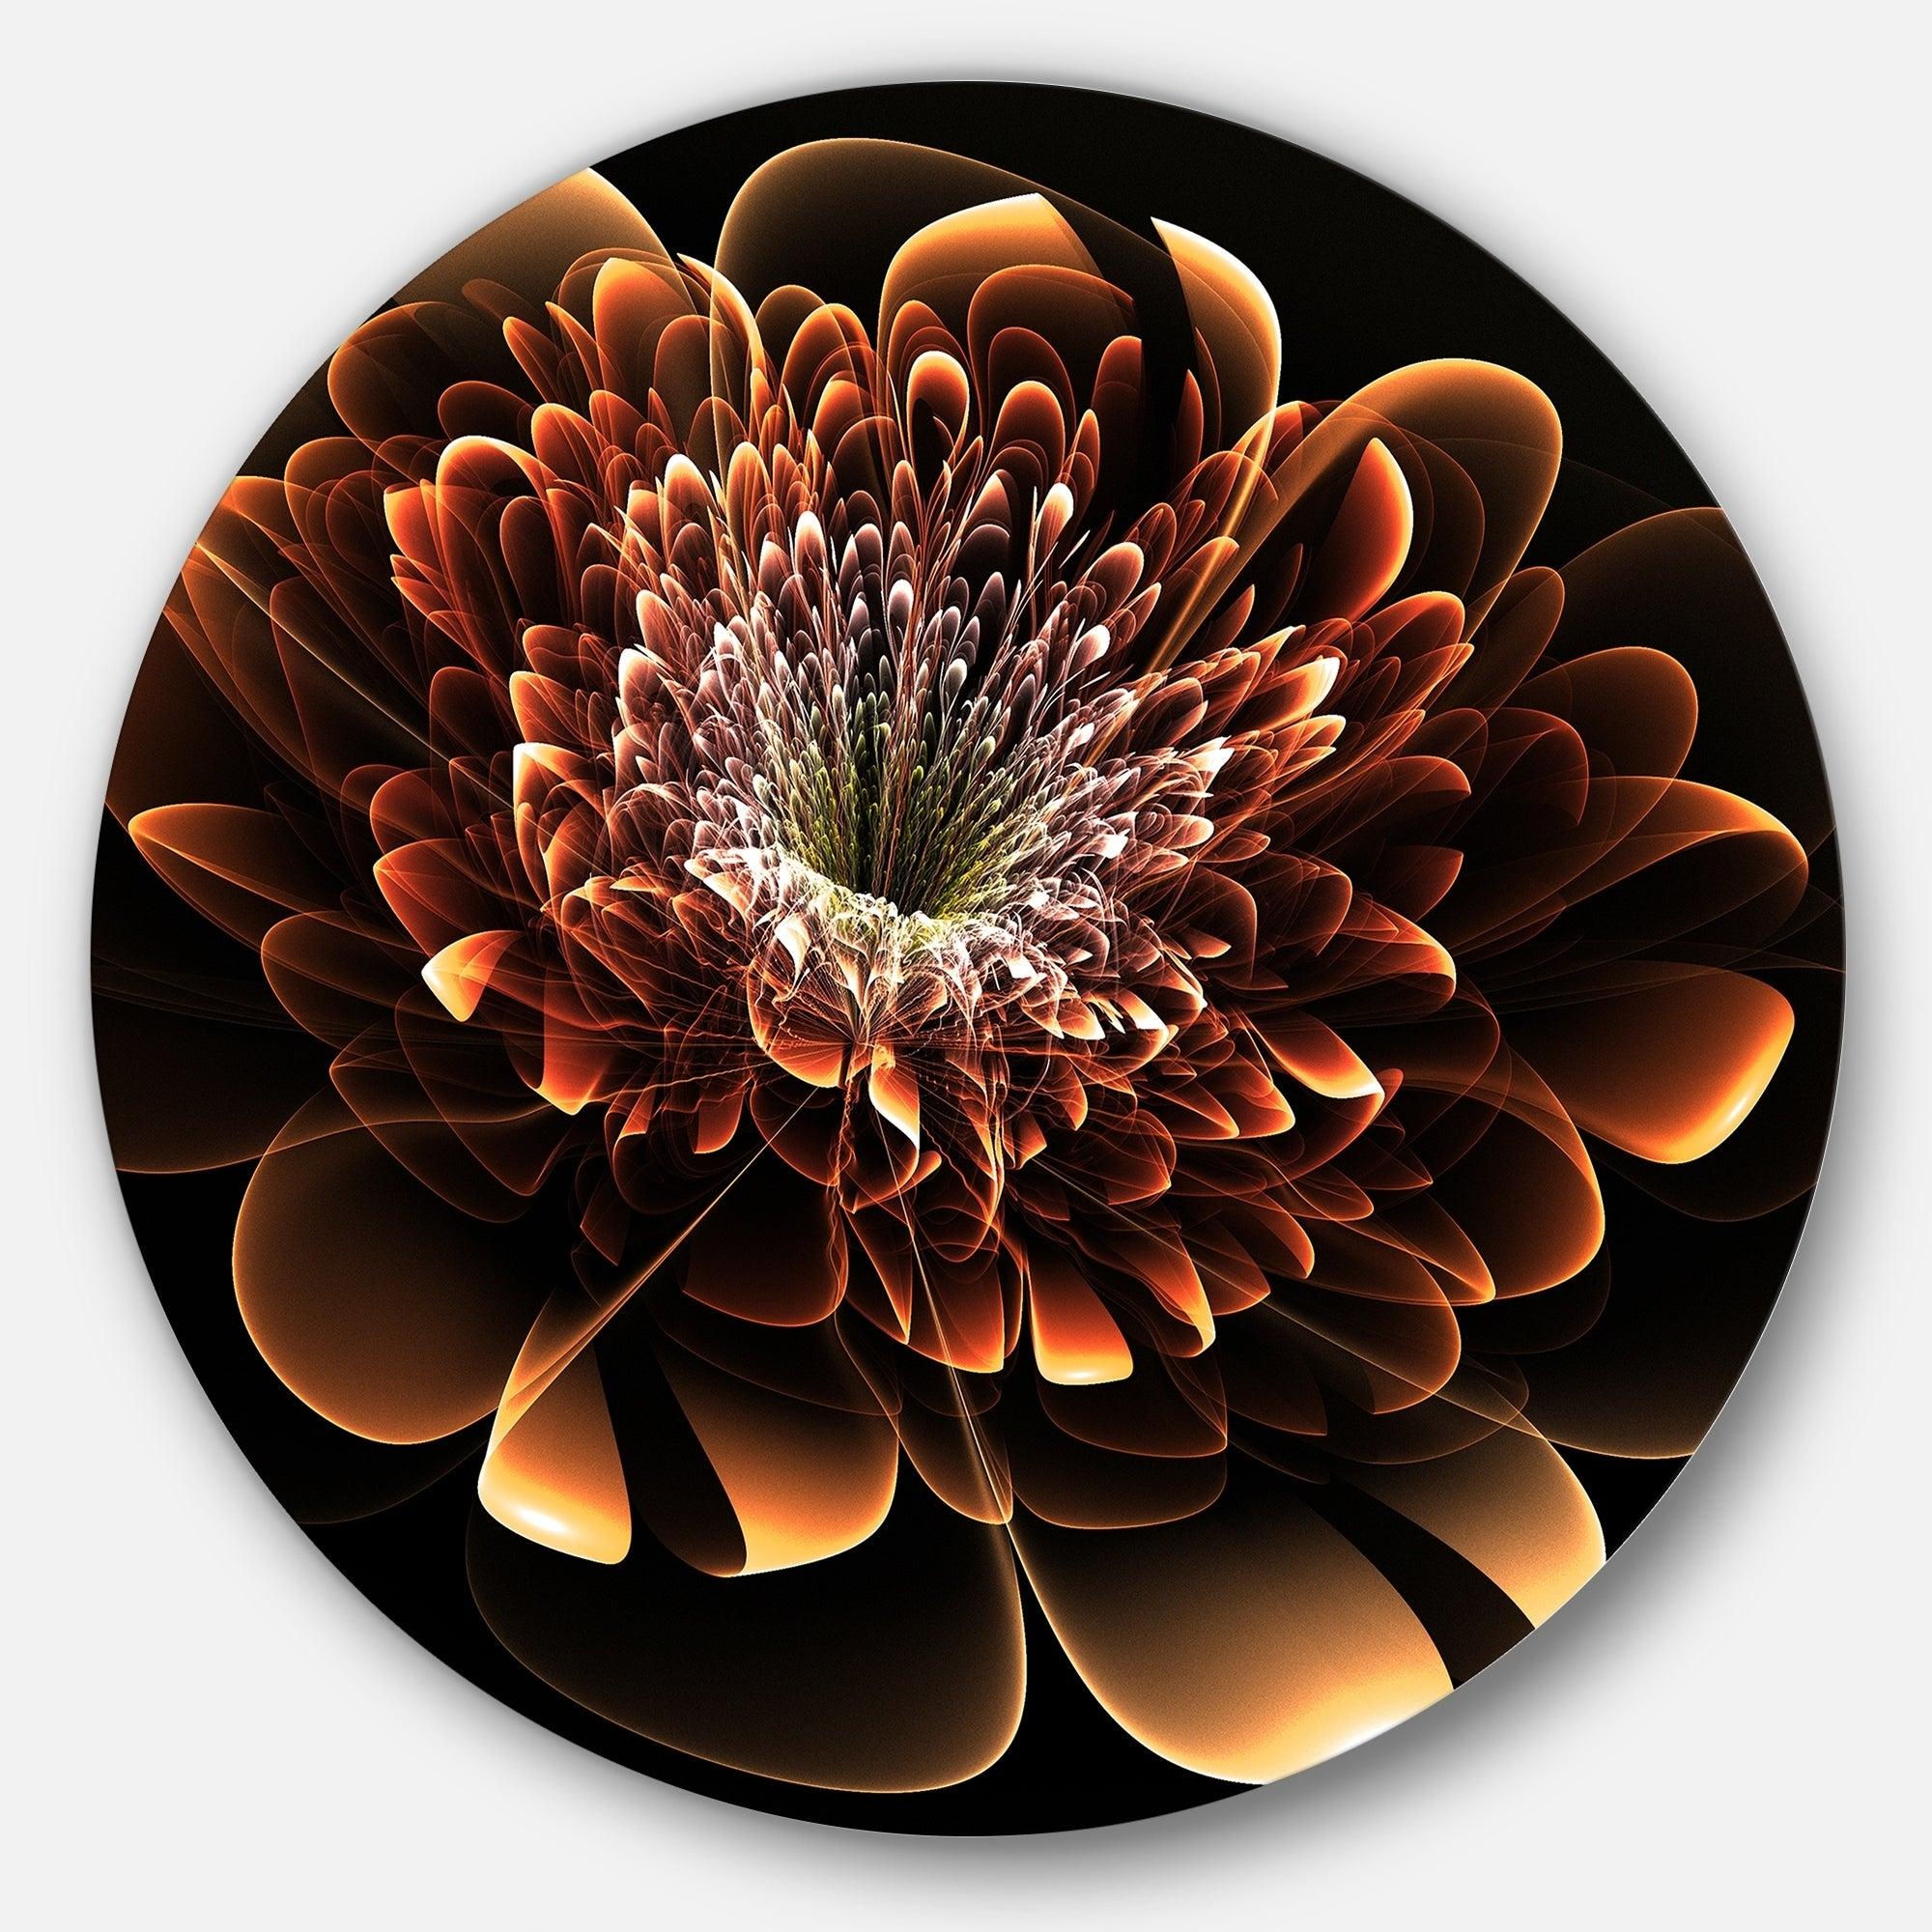 Designart Brown Fractal Flower Floral Digital Art Circle Wall Art Overstock 14254435